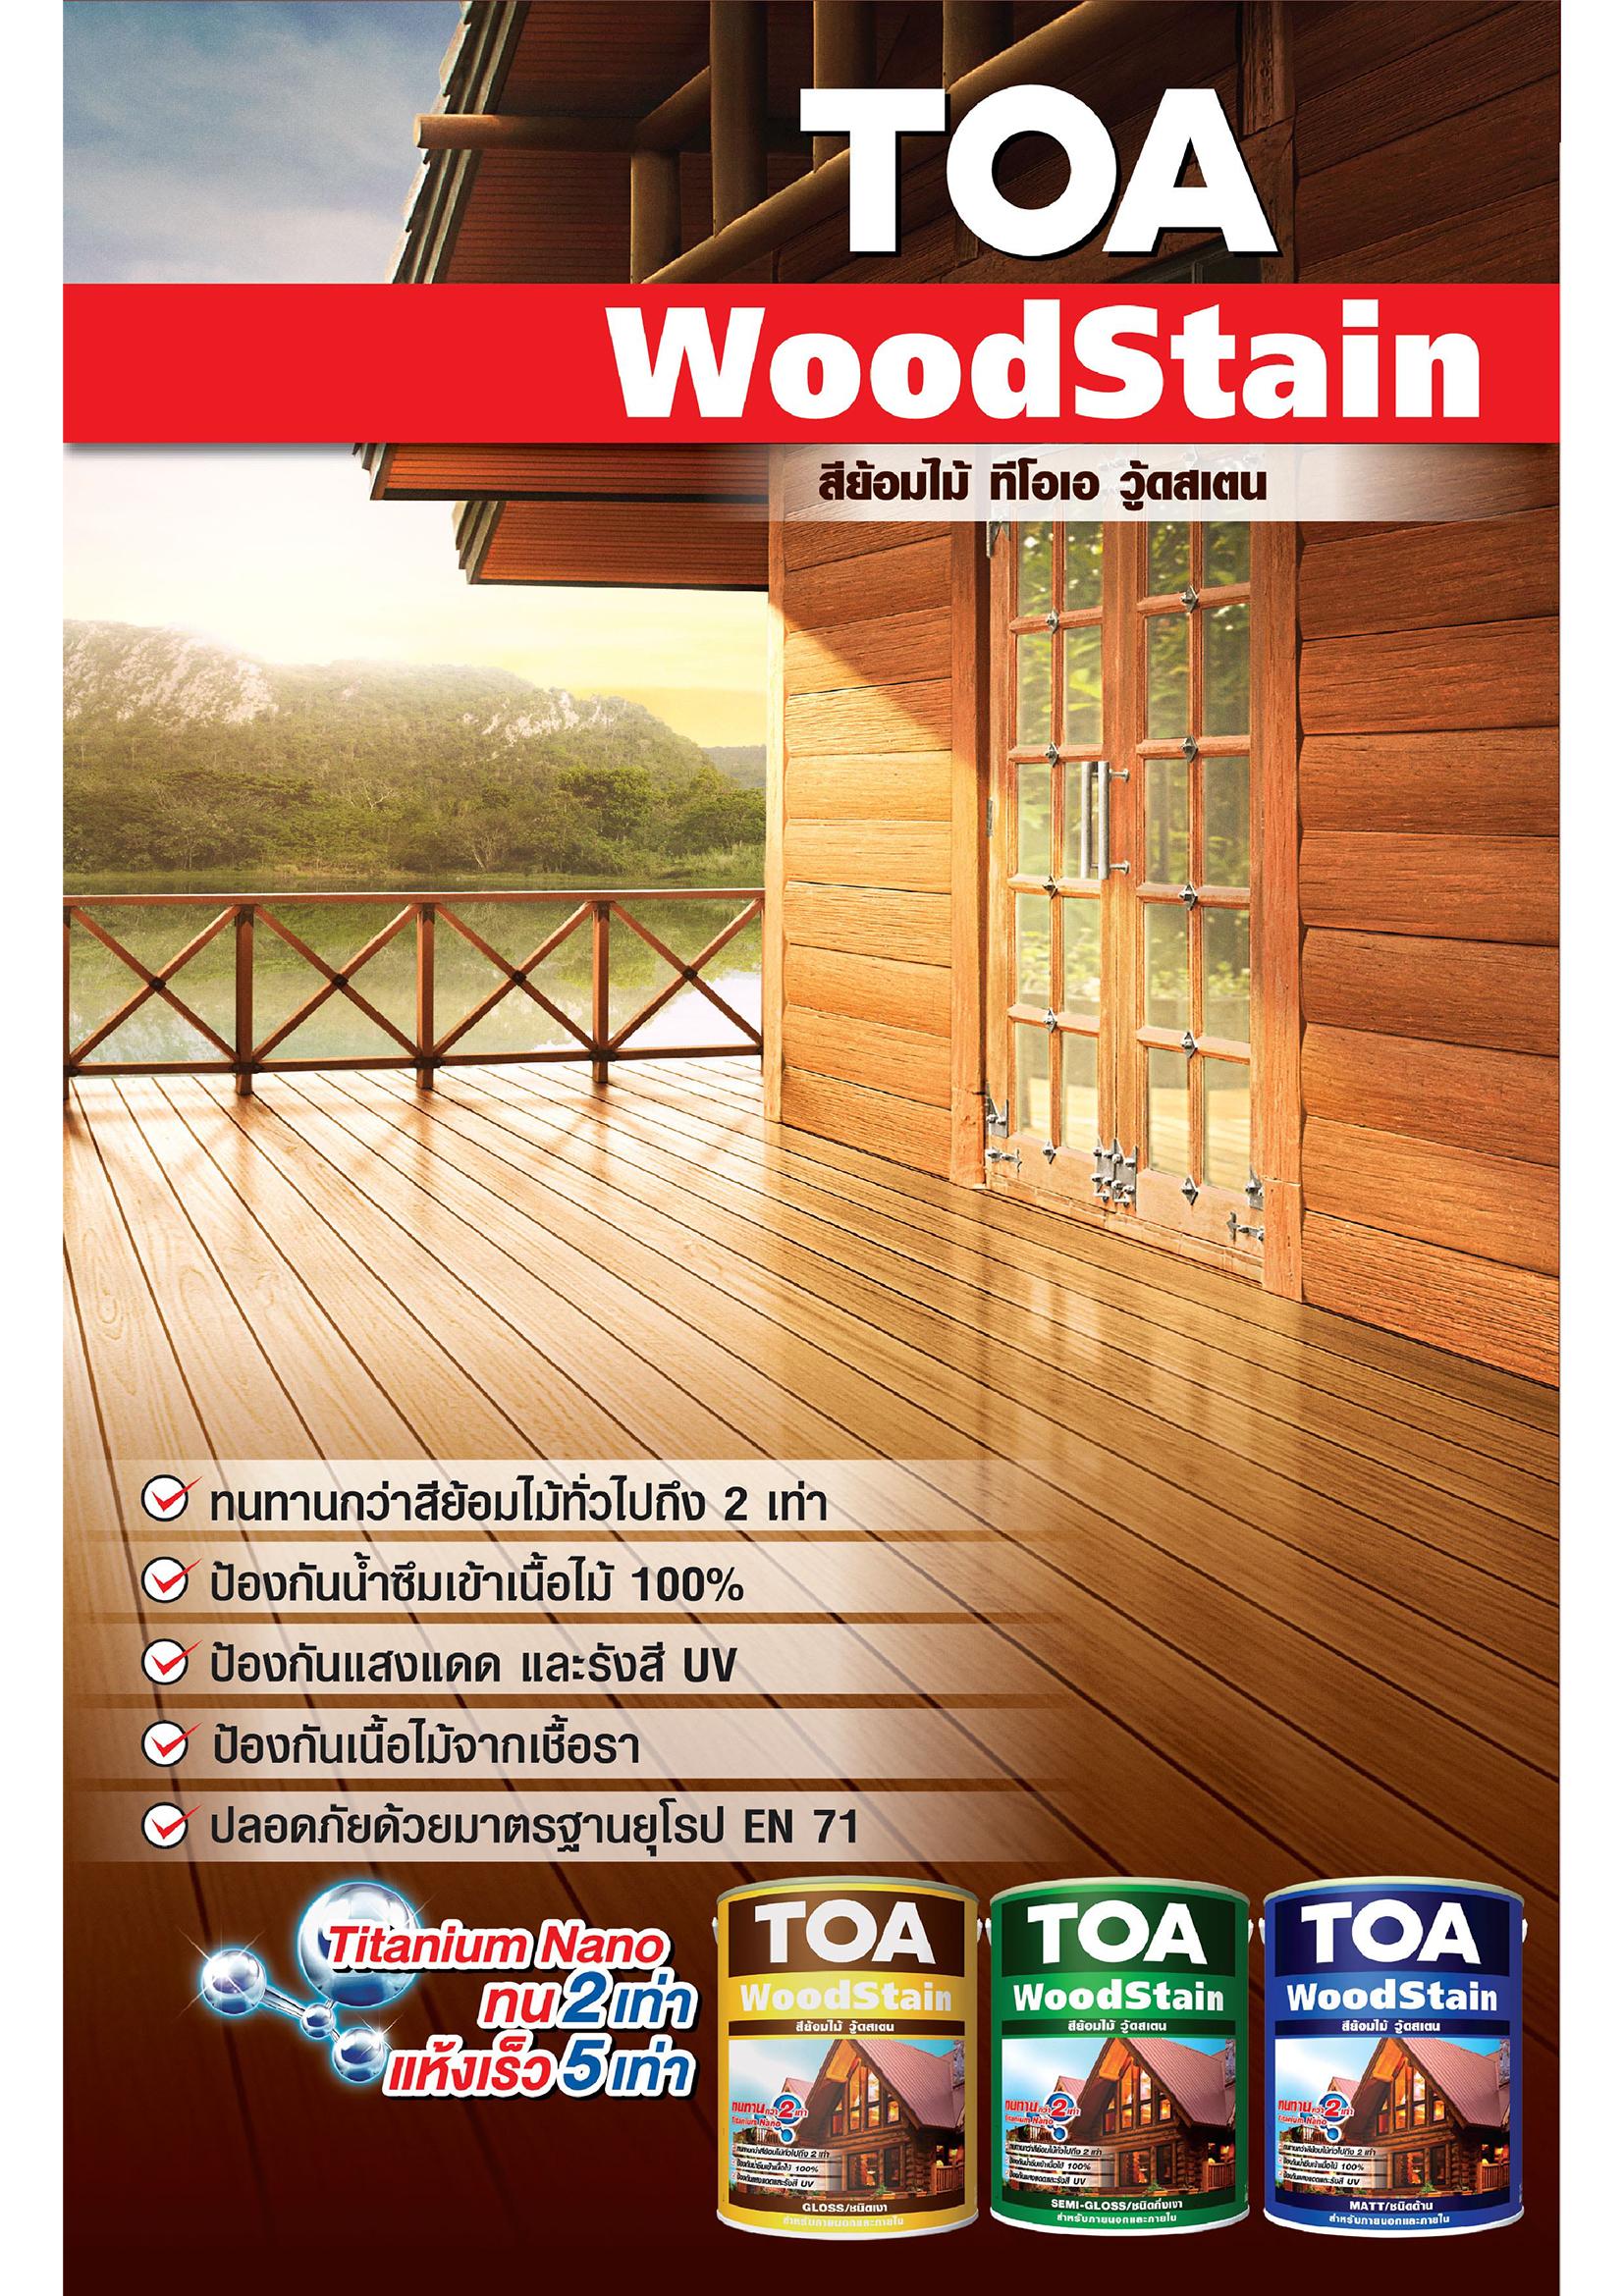 Toa Woodstain